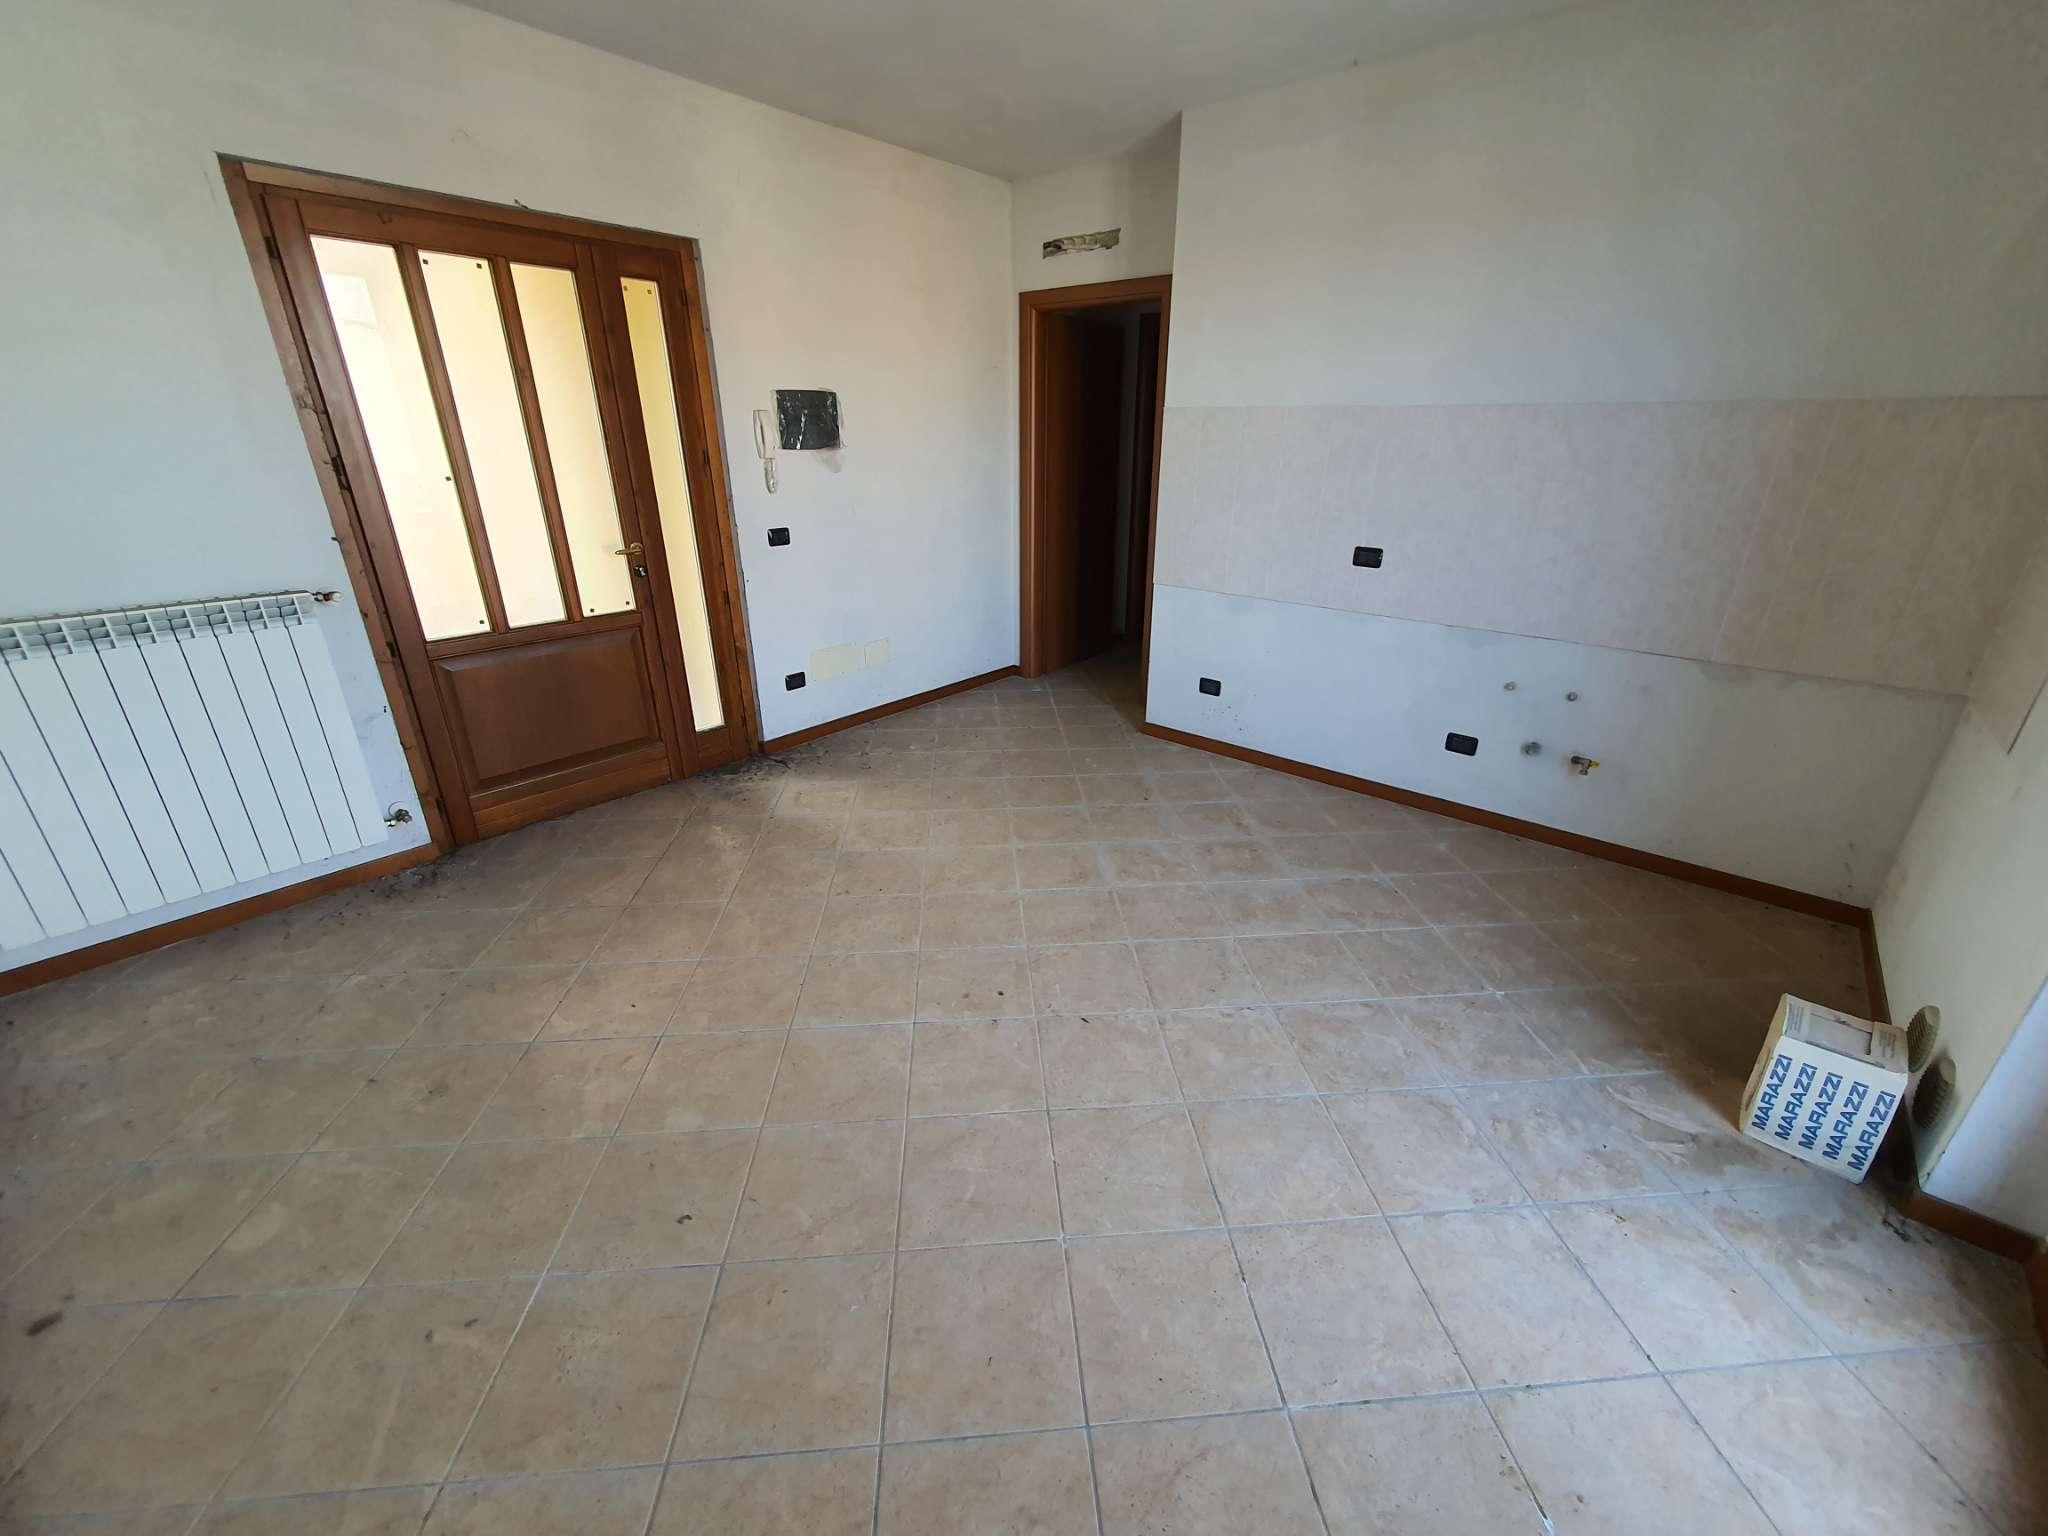 Appartamento in vendita a Casaletto Vaprio, 2 locali, prezzo € 47.000   PortaleAgenzieImmobiliari.it